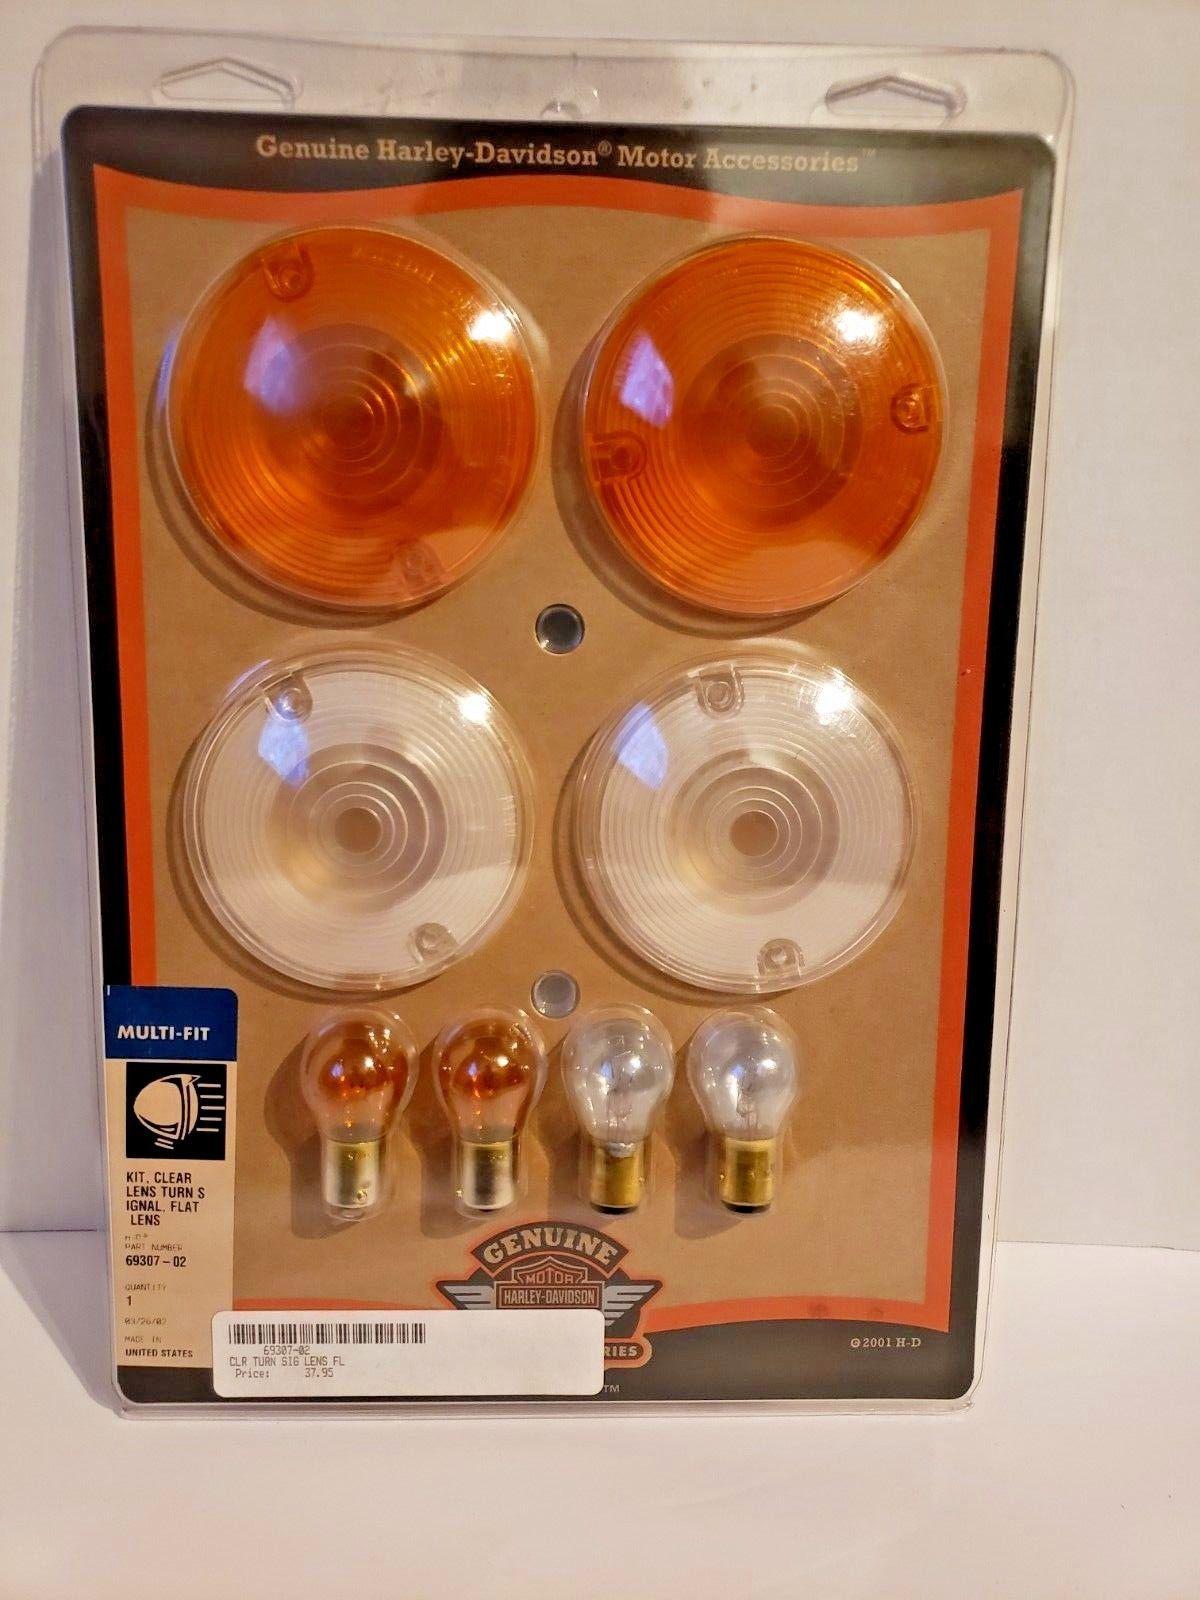 Genuine Harley Davidson Turn Signal Lens Kit Clear ,Flat 69307-02